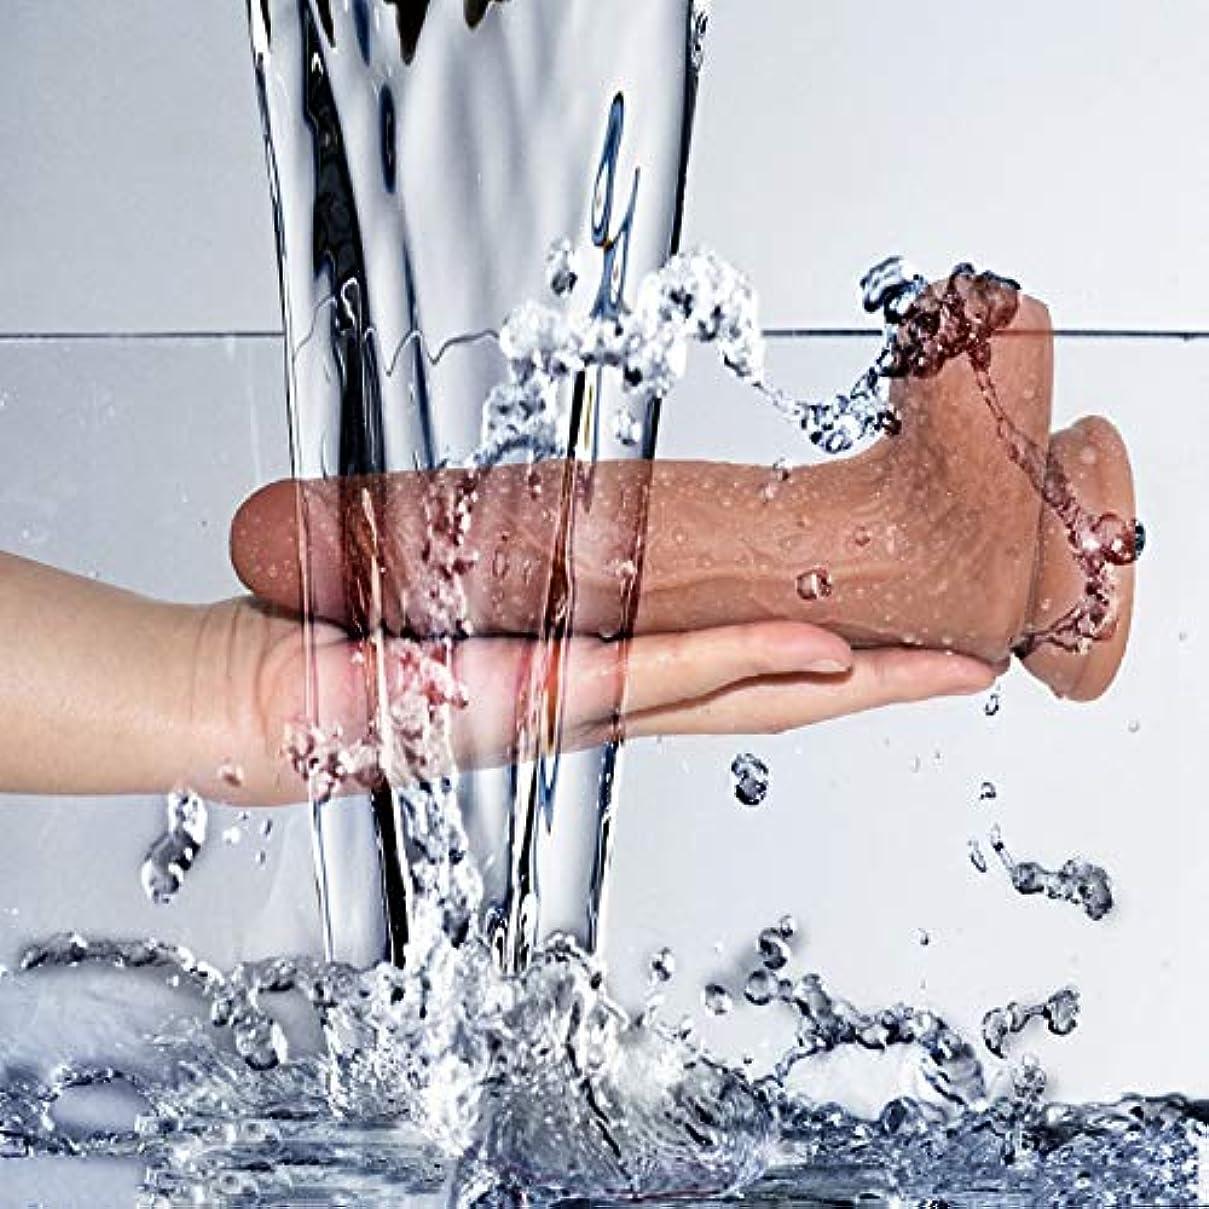 幸運なことに発明花婿8.07 In RealisticSoft-?îld?Body Relax Massager forSéx、初心者向けのリアルなサクションカップツール ファッション雑貨